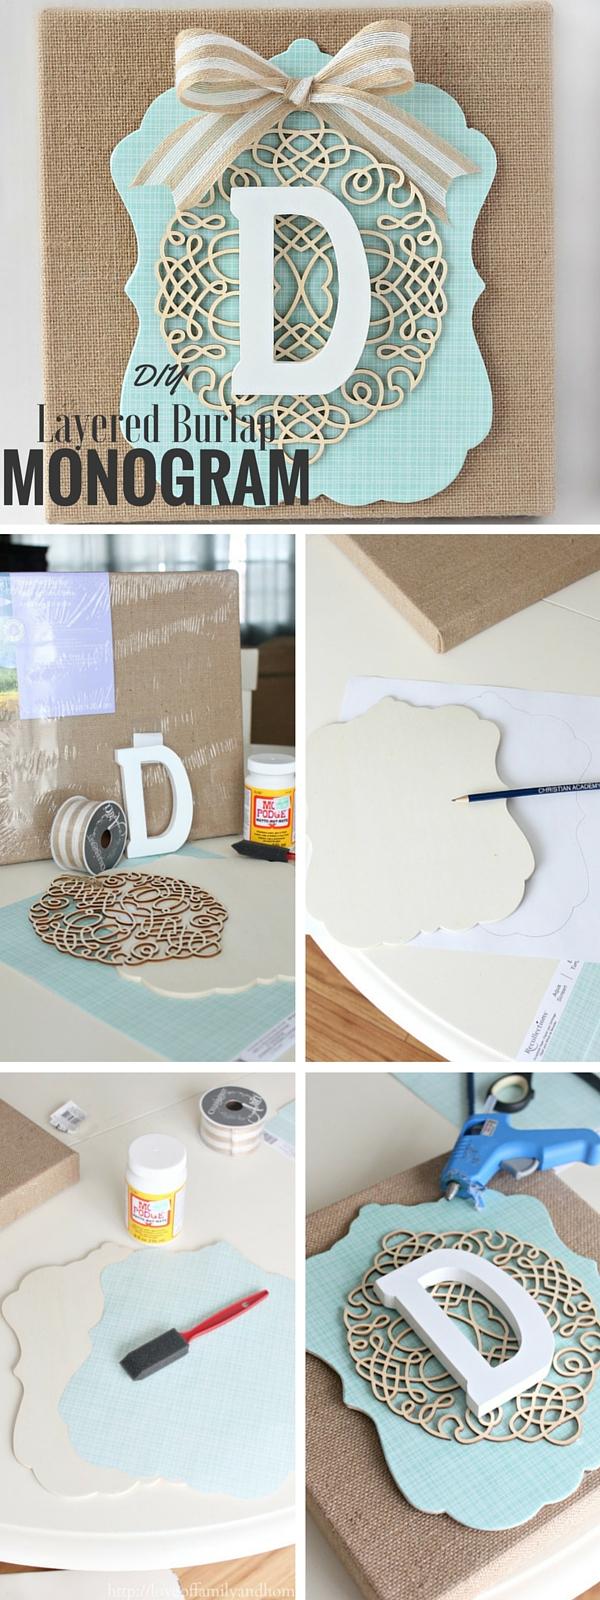 6.DIY Layered Burlap Monogram